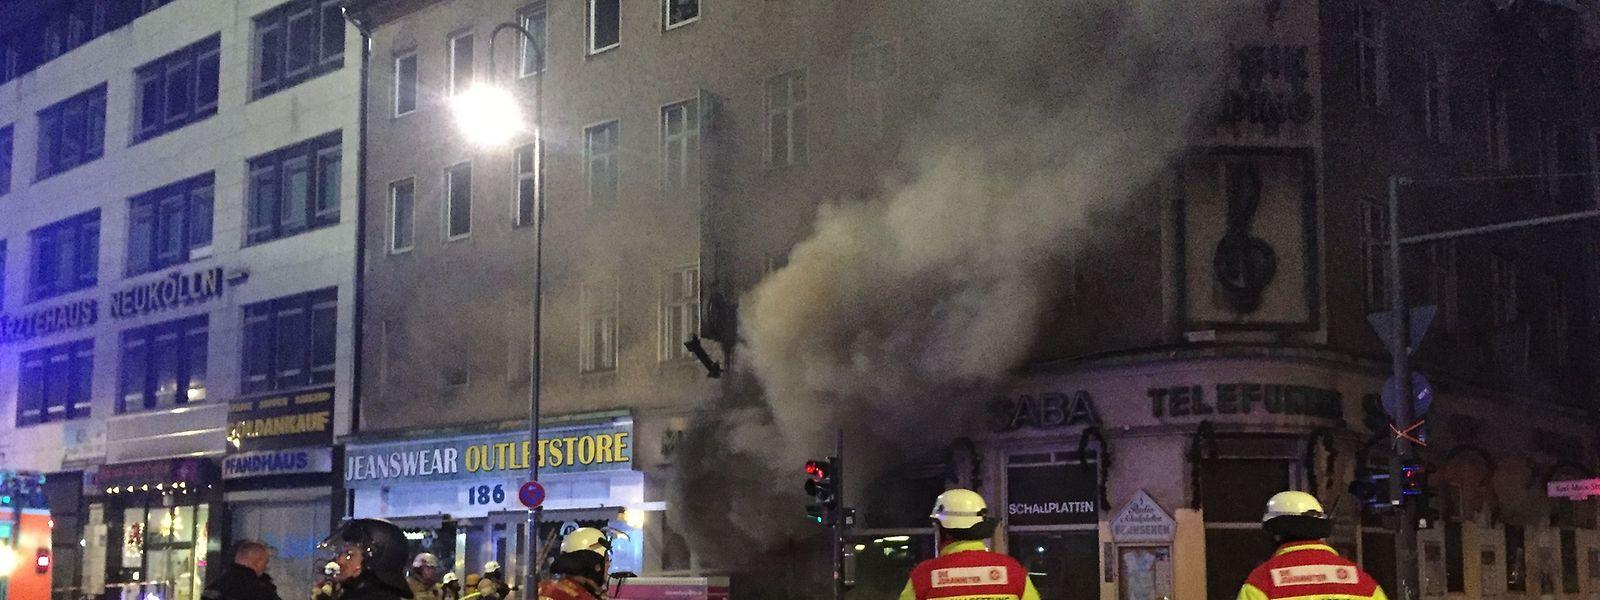 Auch Feuerwehrleute werden zunehmend Ziel von tätlichen Angriffen.